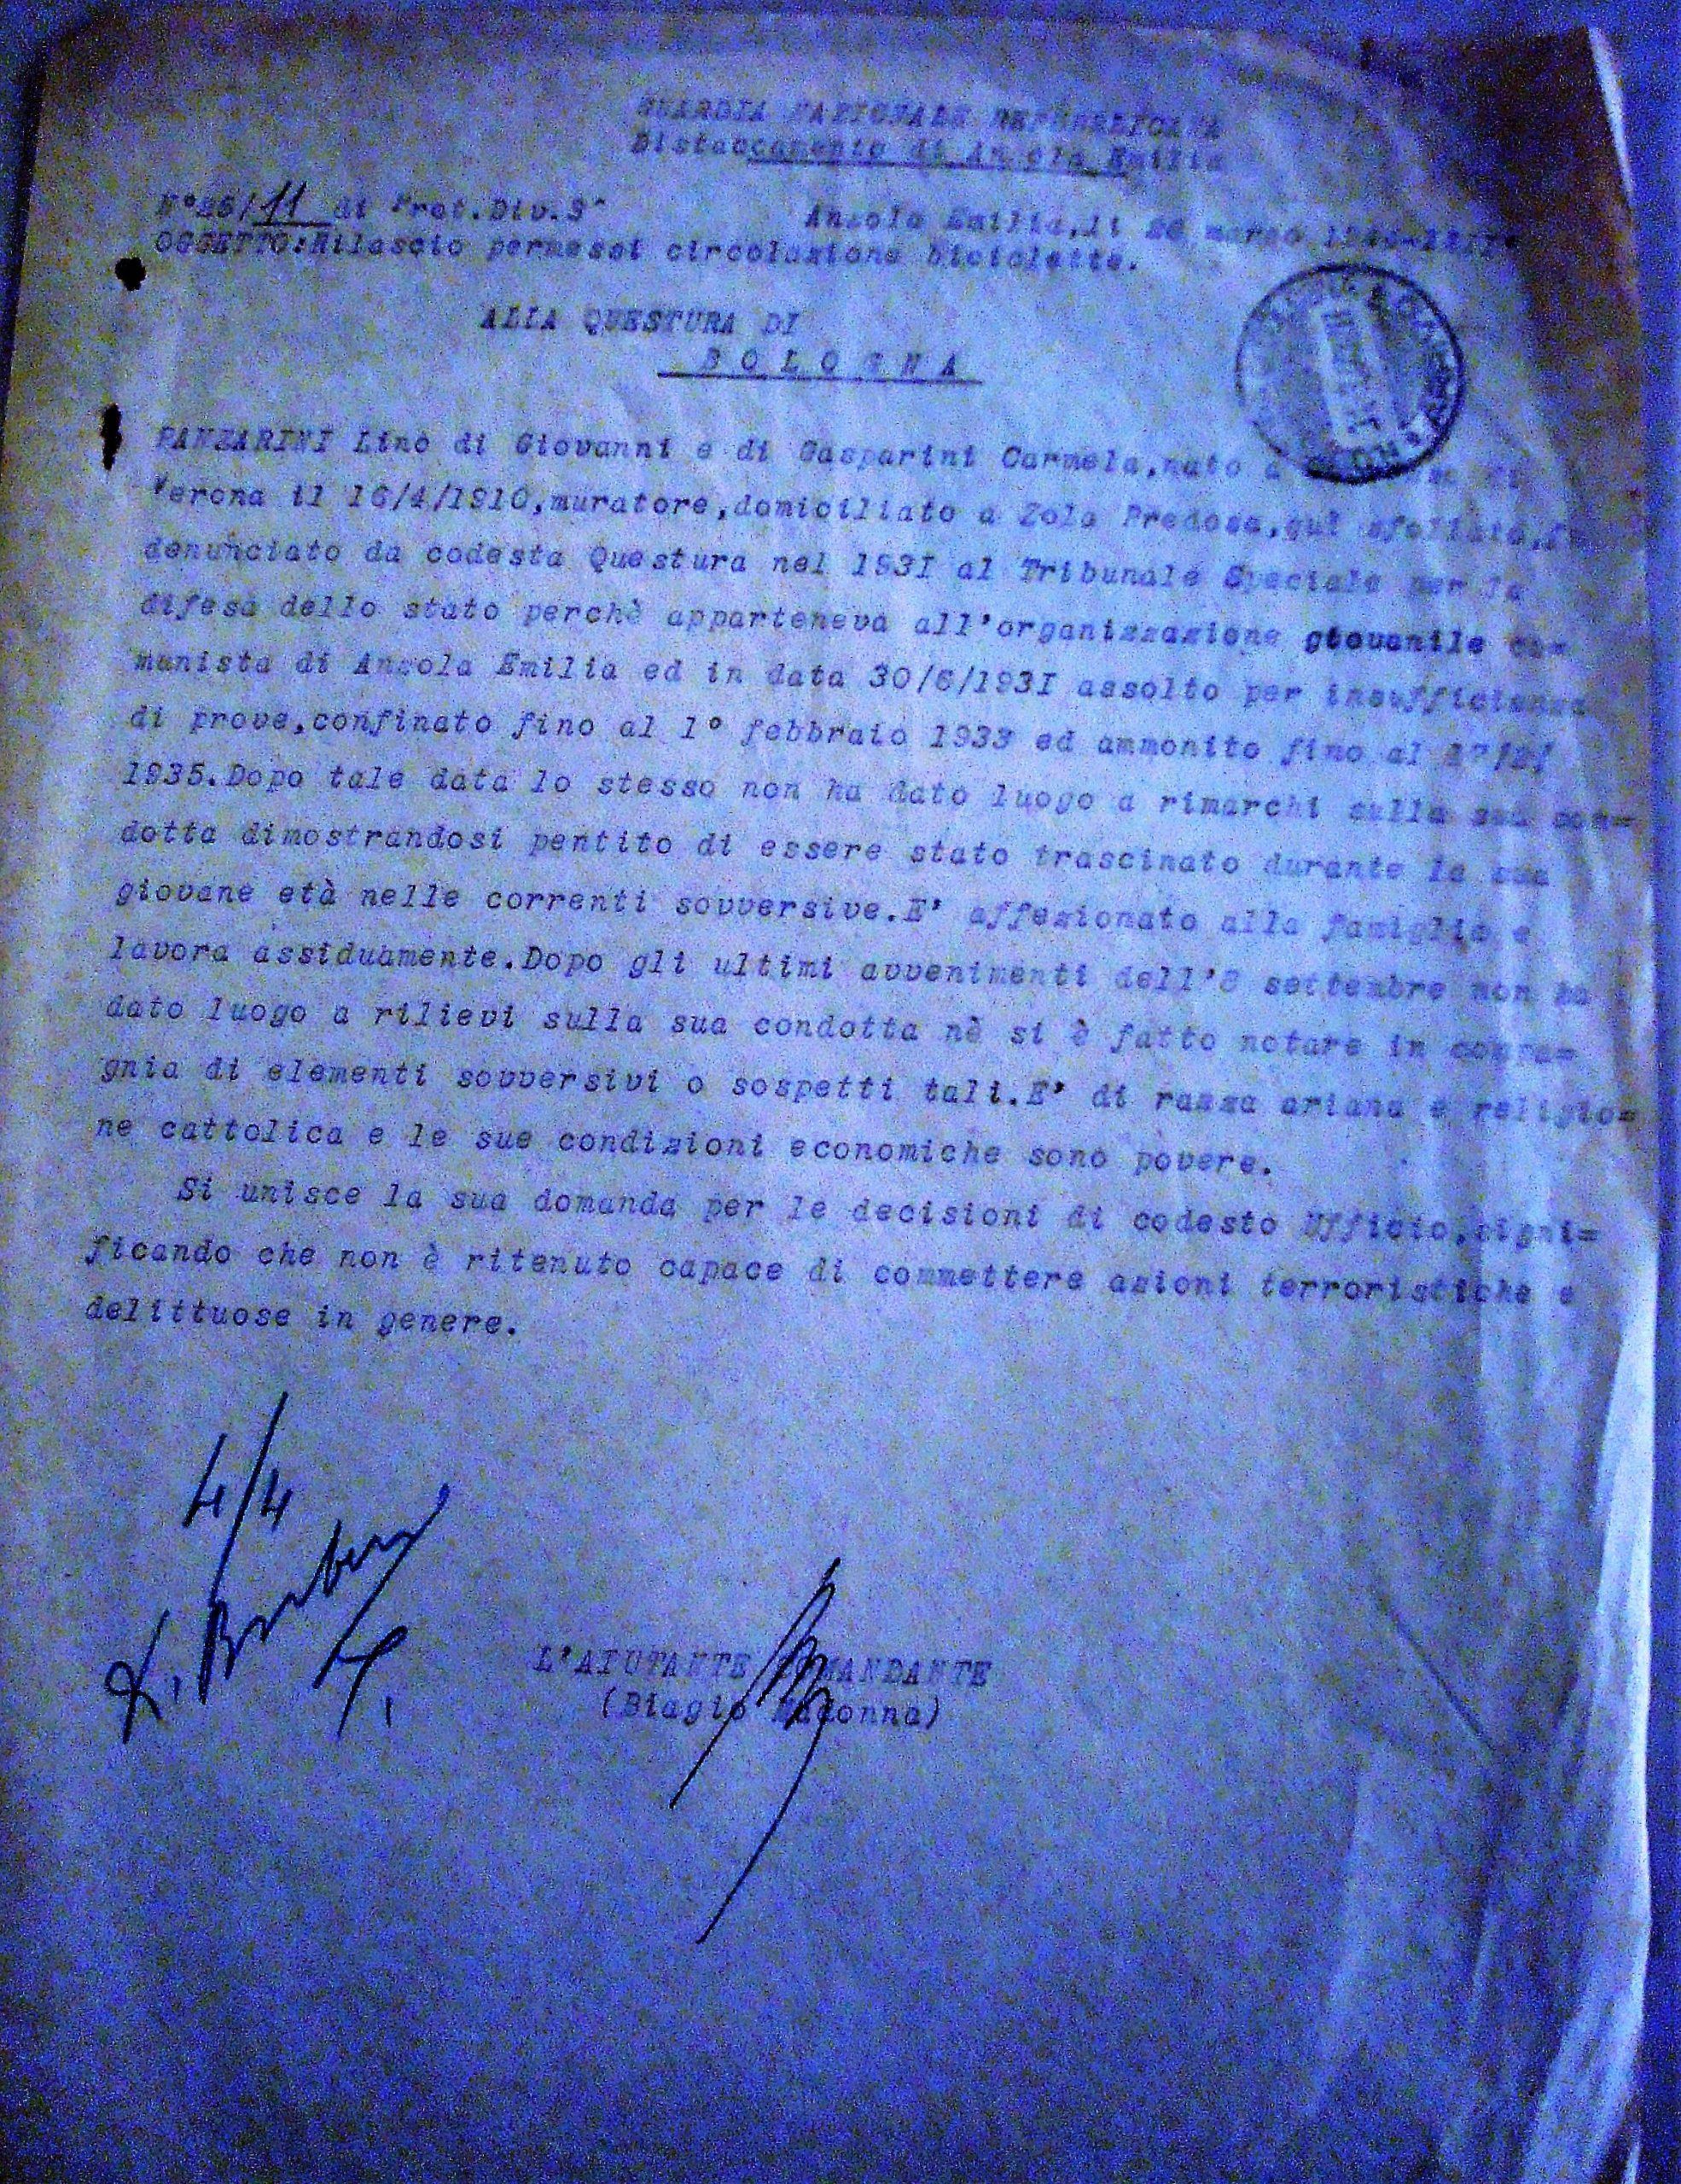 Firmato dall'Aiutante Comandante Biagio Madonna della Guardia Nazionale Repubblicana, distaccamento di Anzola Emilia, il parere favorevole alla concessione del permesso di circolazione con la bicicletta per Lino Panzarini. Archivio di Stato di Bologna.